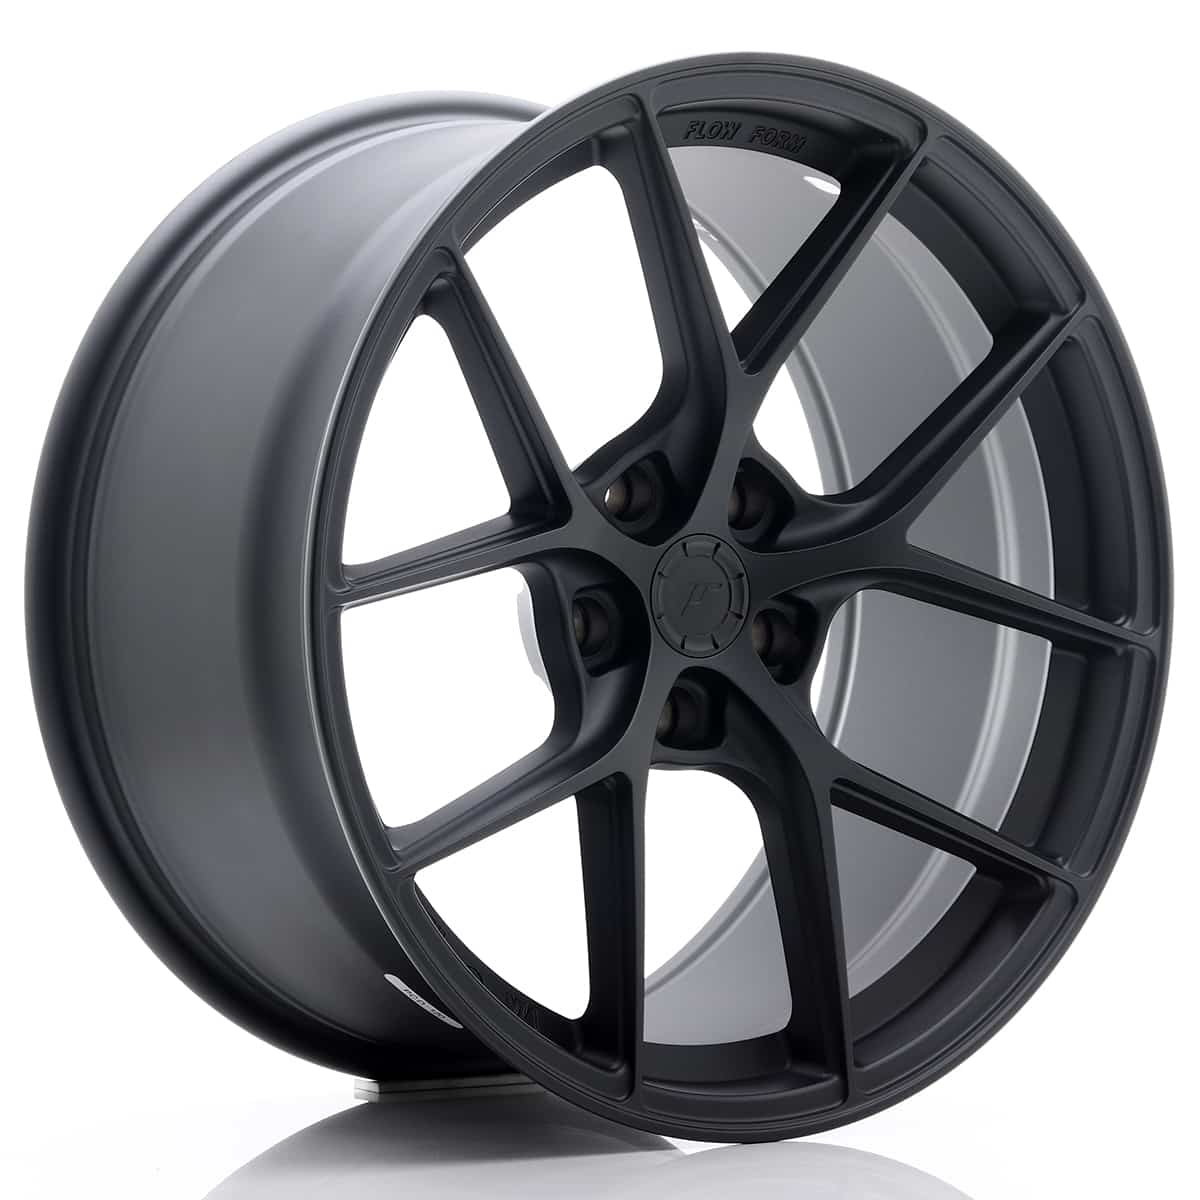 JR Wheels SL01 19x9, 5 ET25 5x120 Matt Gun Metal